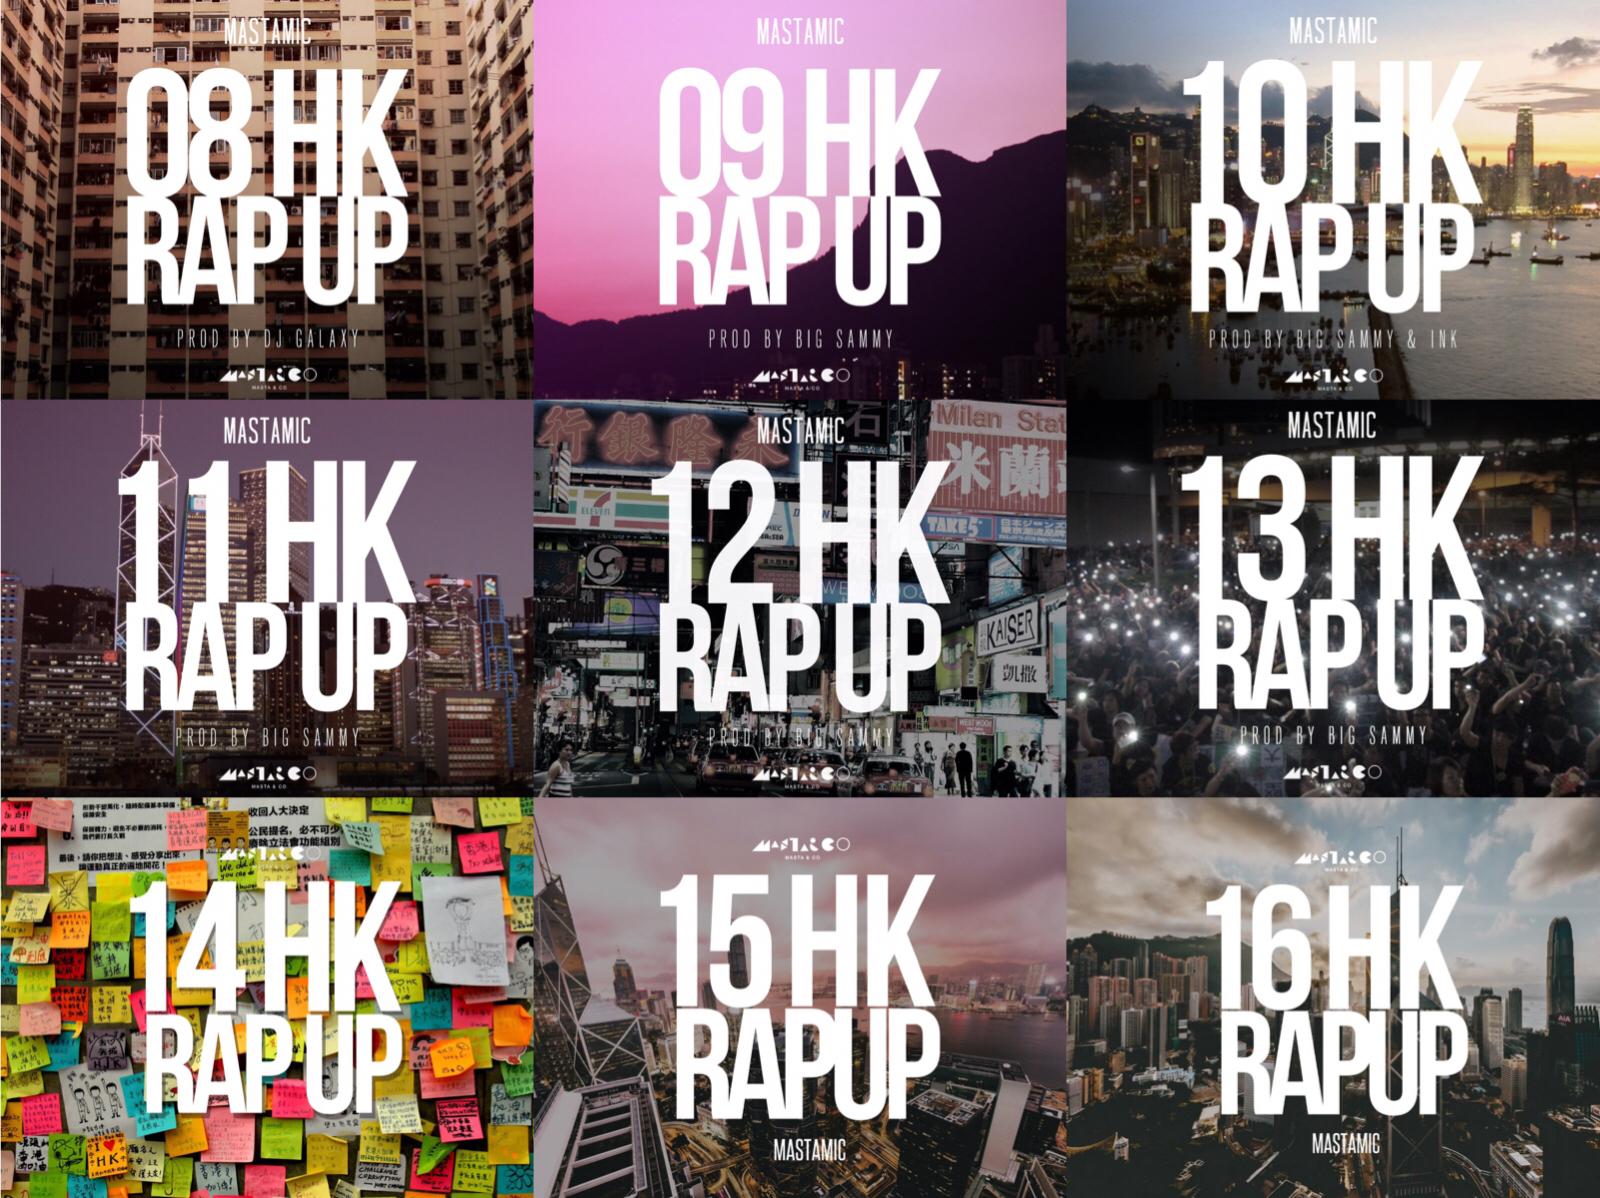 每年的Rap Up大碟封面都用上香港具代表性的事物或景色相片,其中2014年是「金鐘連儂牆」。